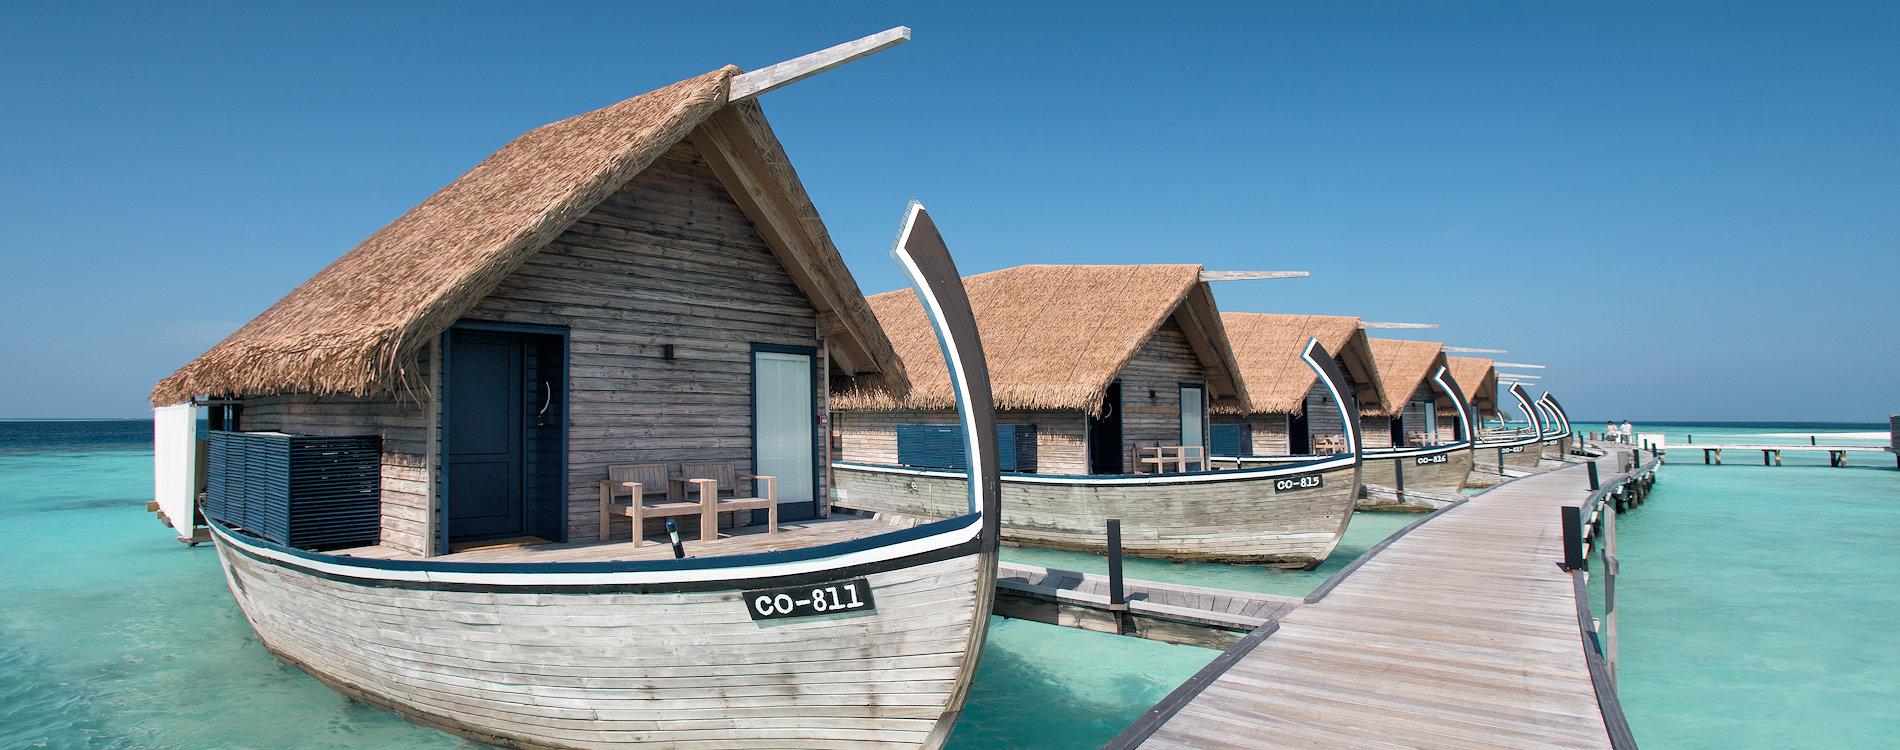 COMO Cocoa Island, Dhoni Water Villa Exterior